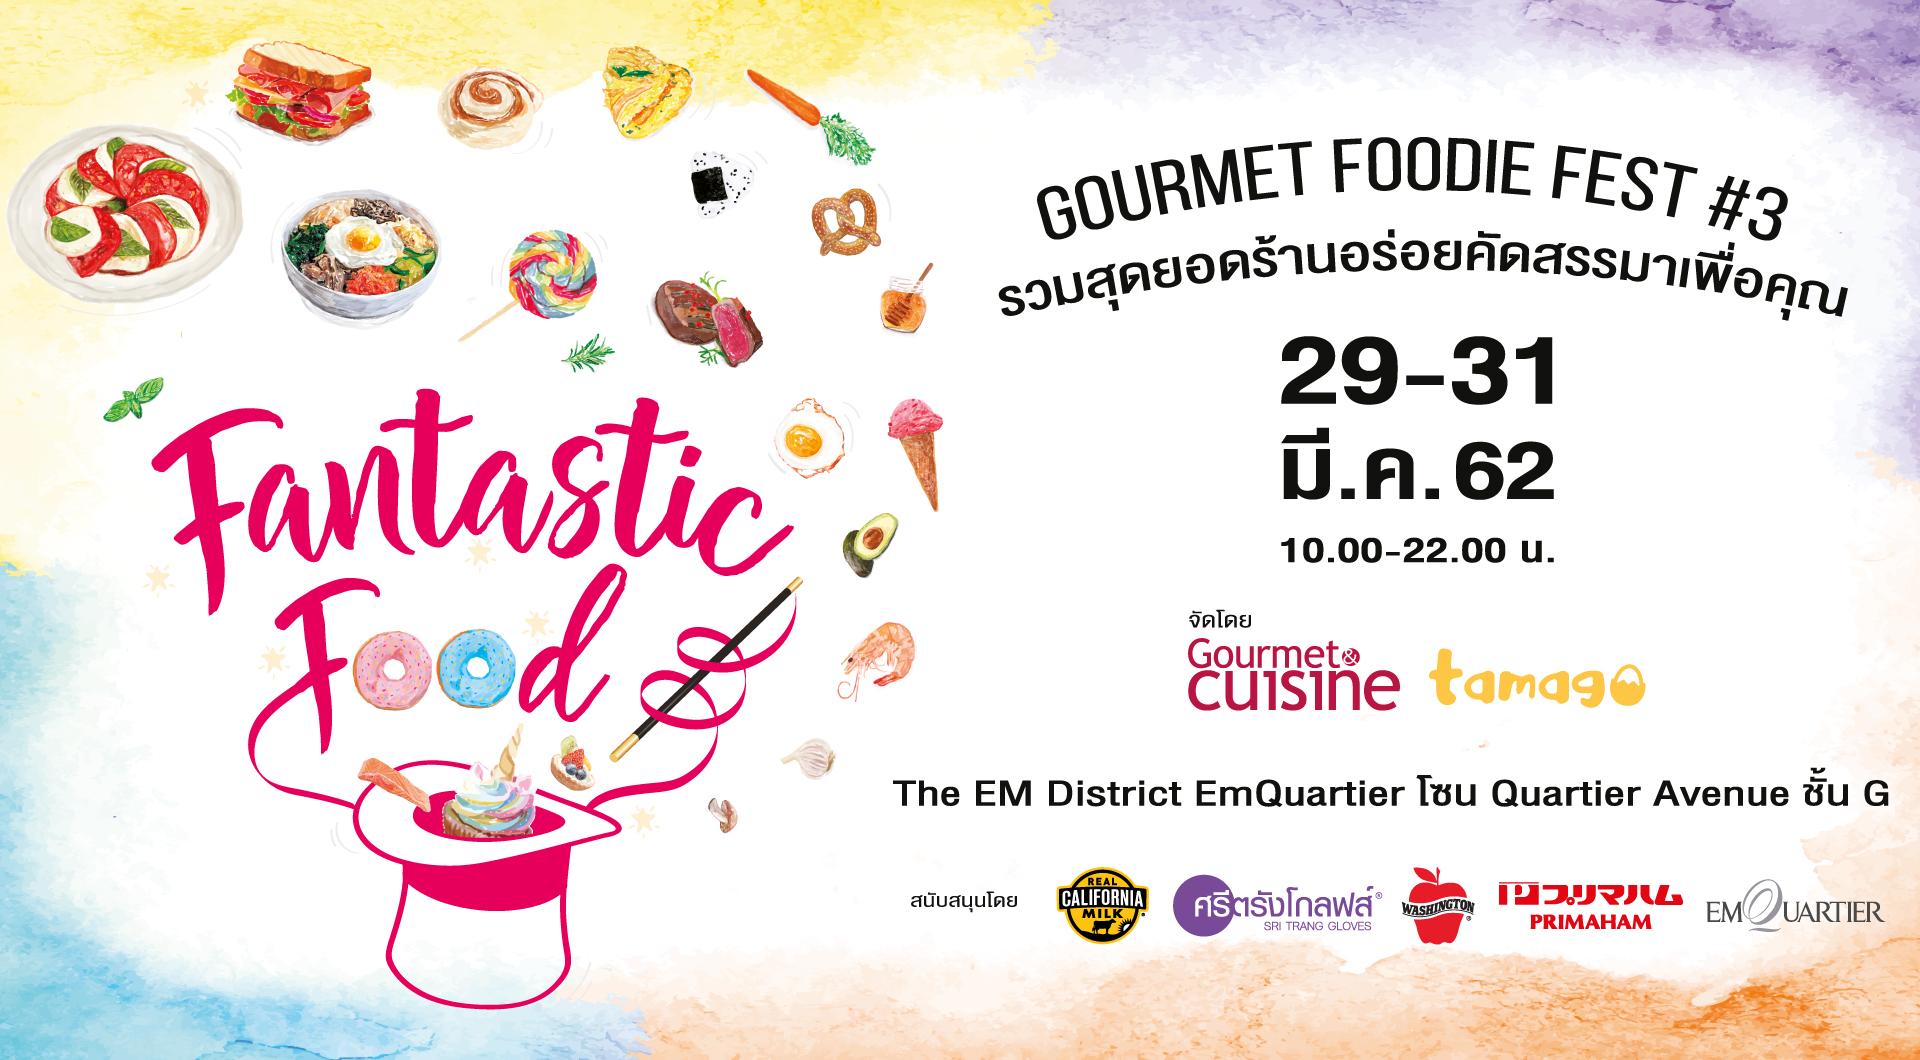 เทศกาลอาหารยอดฮิต ที่เหล่าฟูดดีส์รอคอย Gourmet Foodie Fest #3